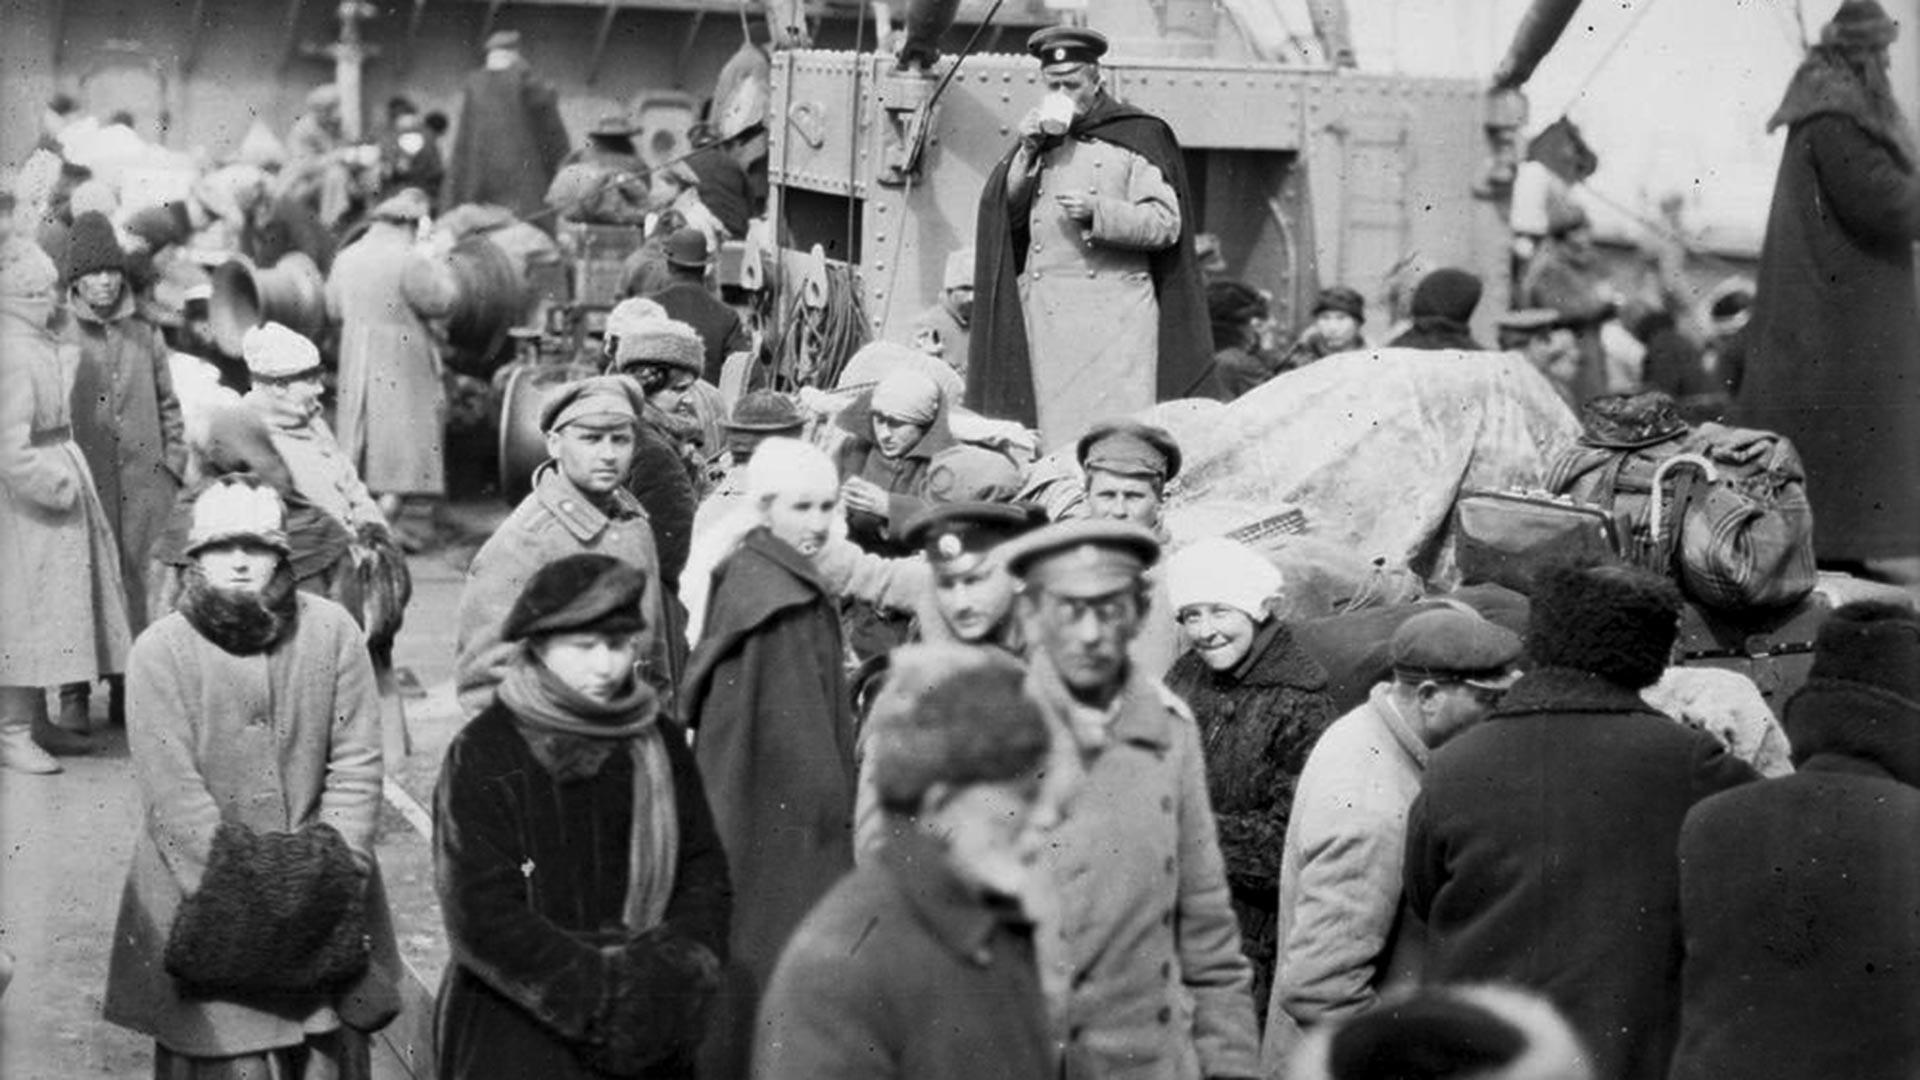 ノヴォロシイスクからロシア人亡命者を運ぶアメリカ赤十字の船「スティーマー・サンガモン」号